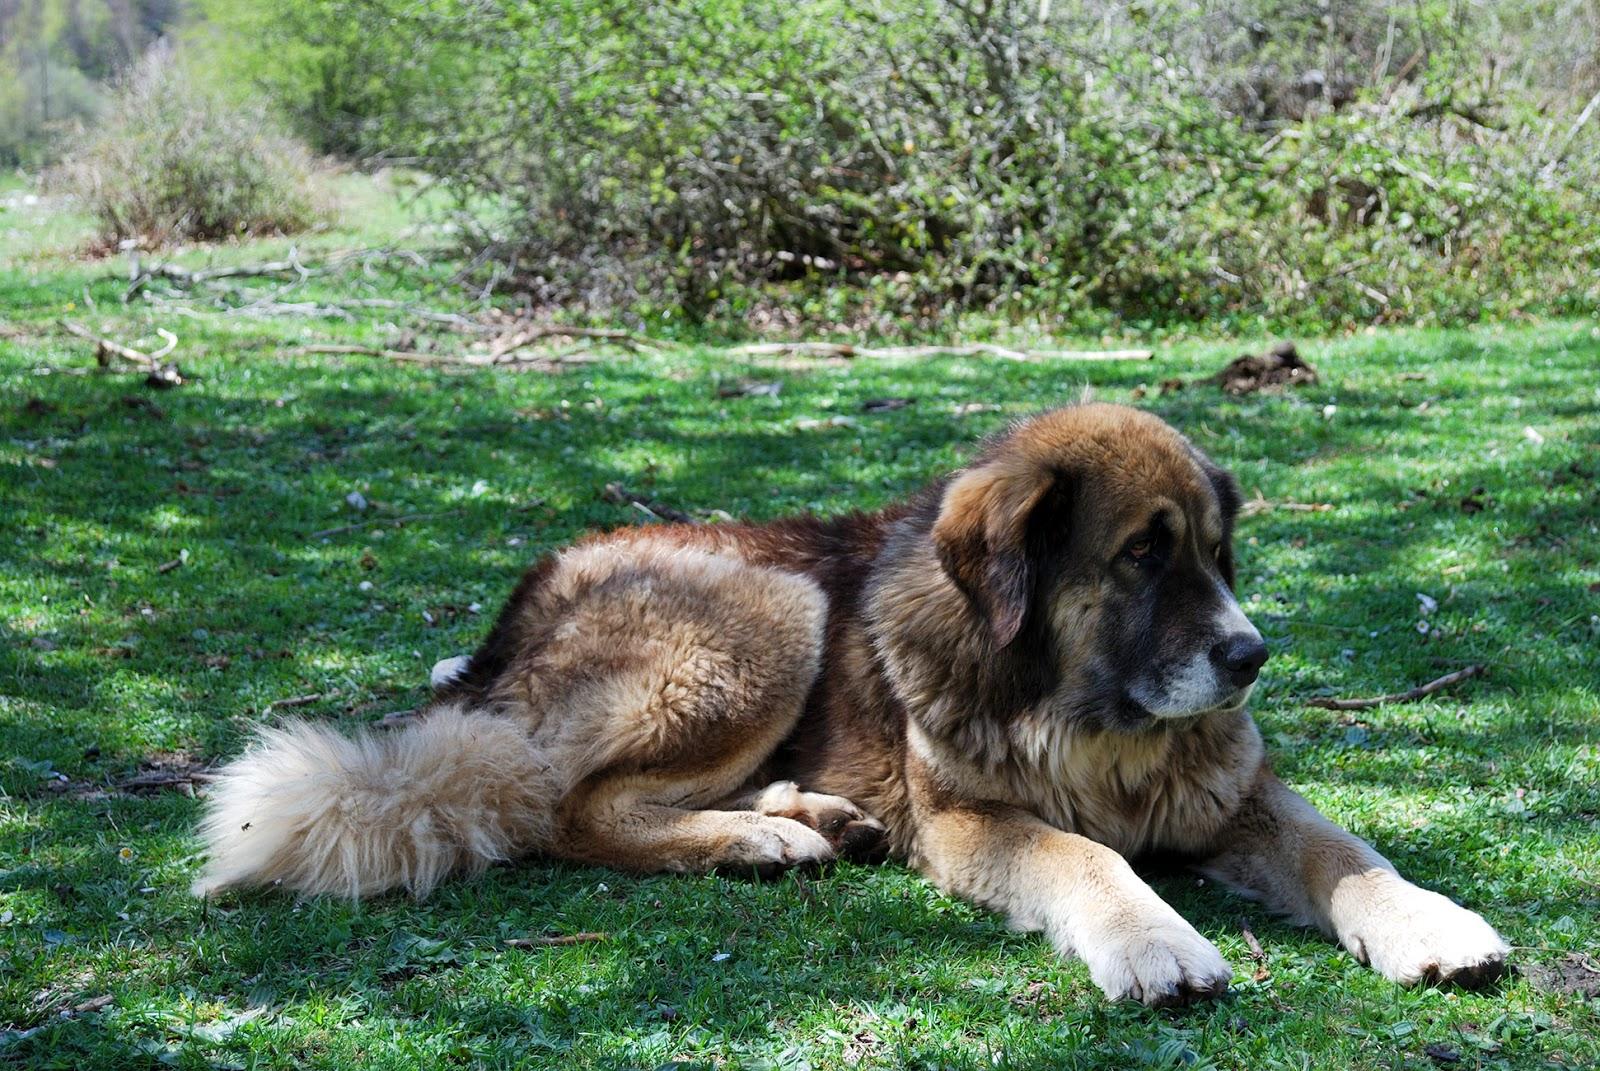 fuente dé cantabria picos europa españa montaña mastin perro pastor